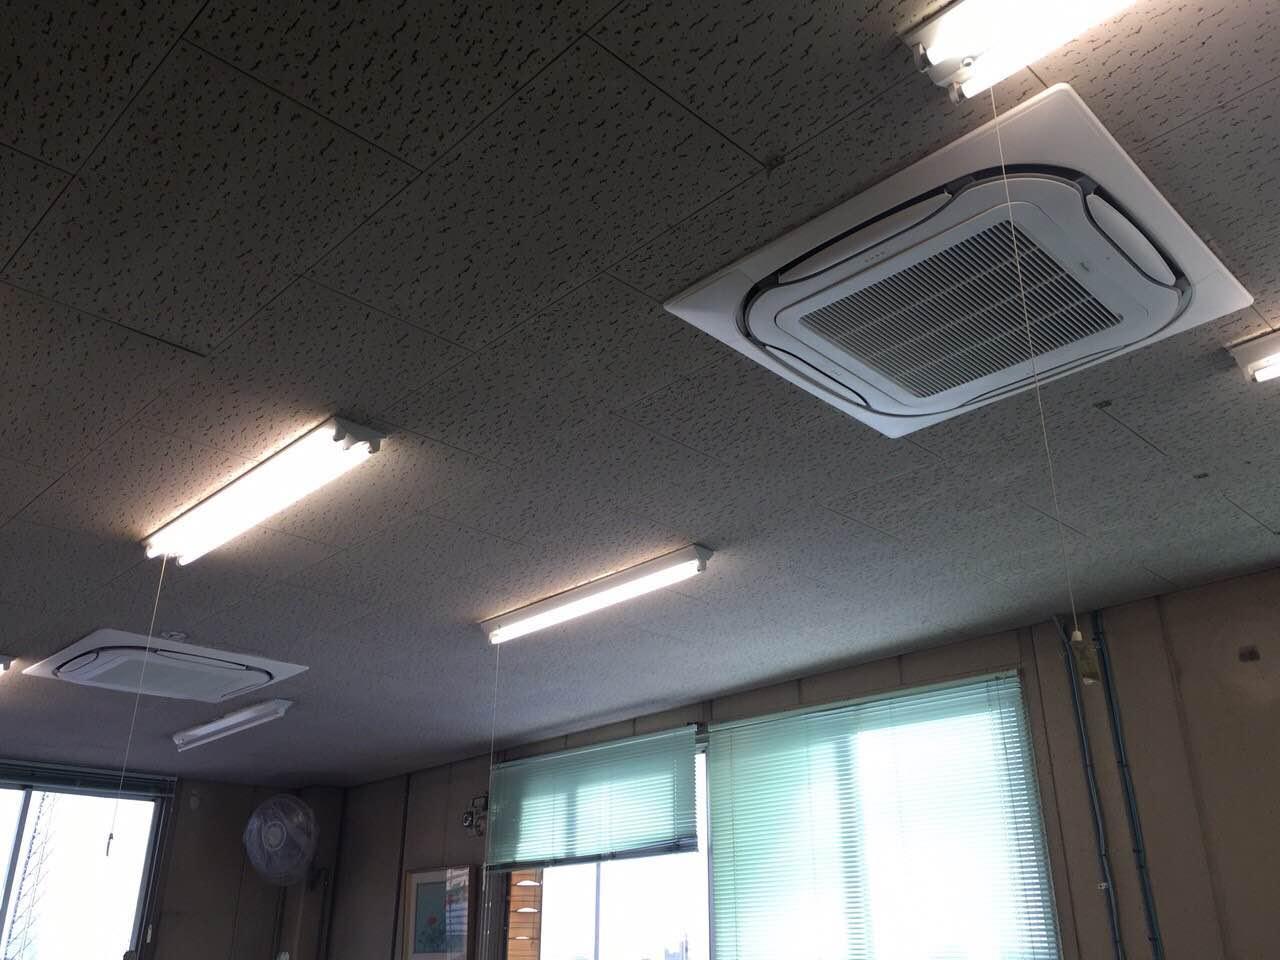 愛知県東浦町 | 業務用エアコン工事 | 27年10月29日